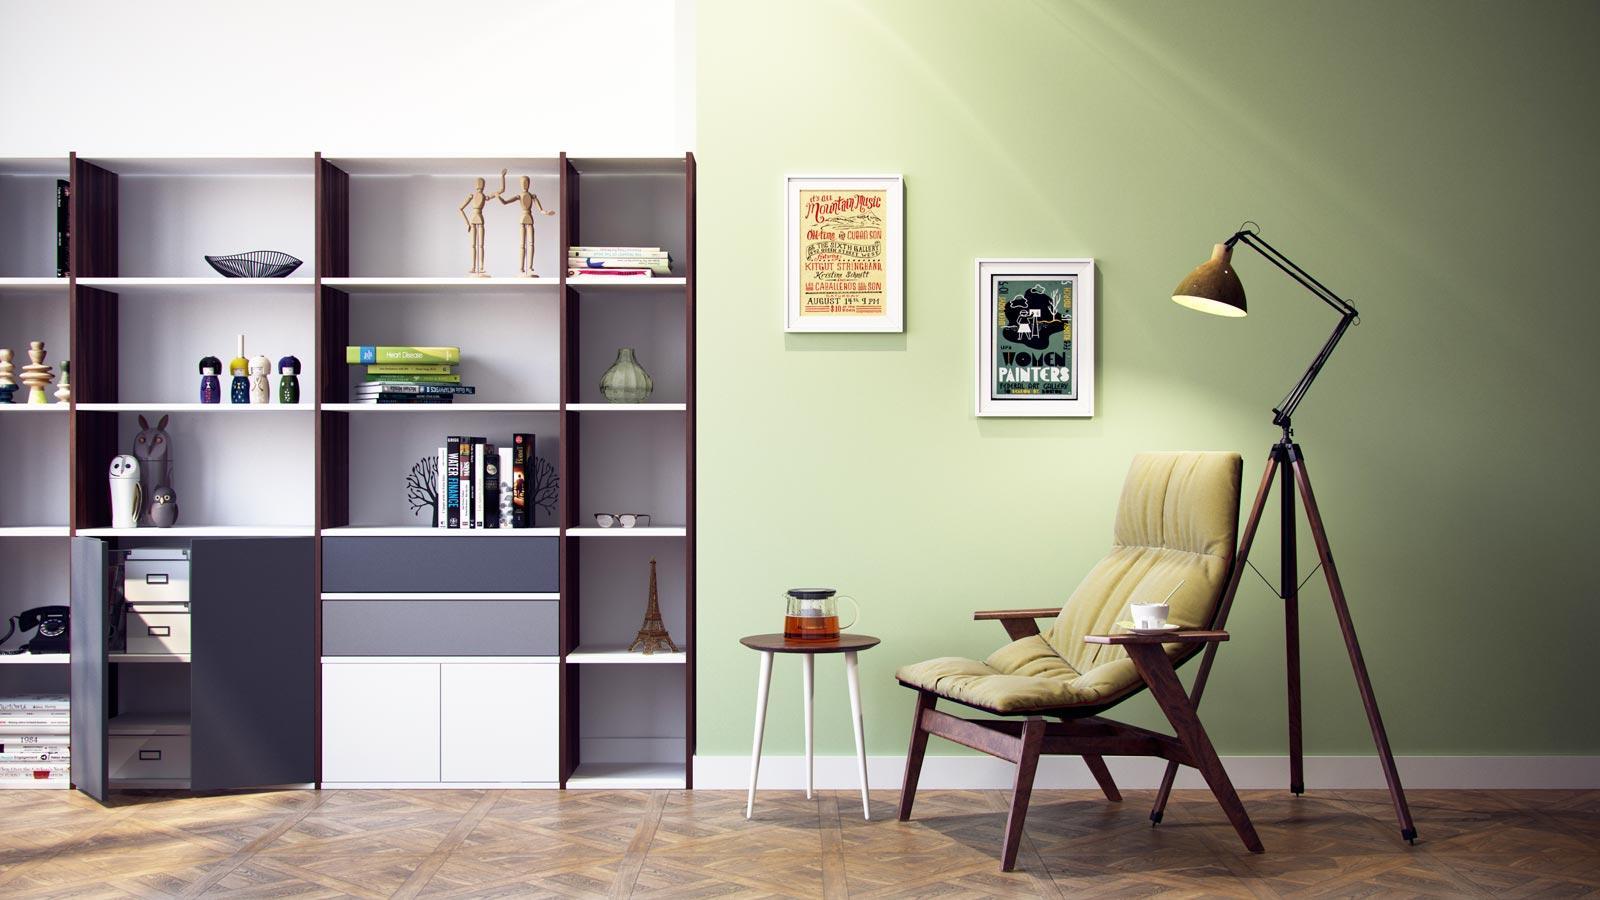 Faszinierend Wohnzimmer Schrankwand Dekoration Von Ihre Wohnwand Ohne Aufwand #regal #wohnzimmer #schrankwand